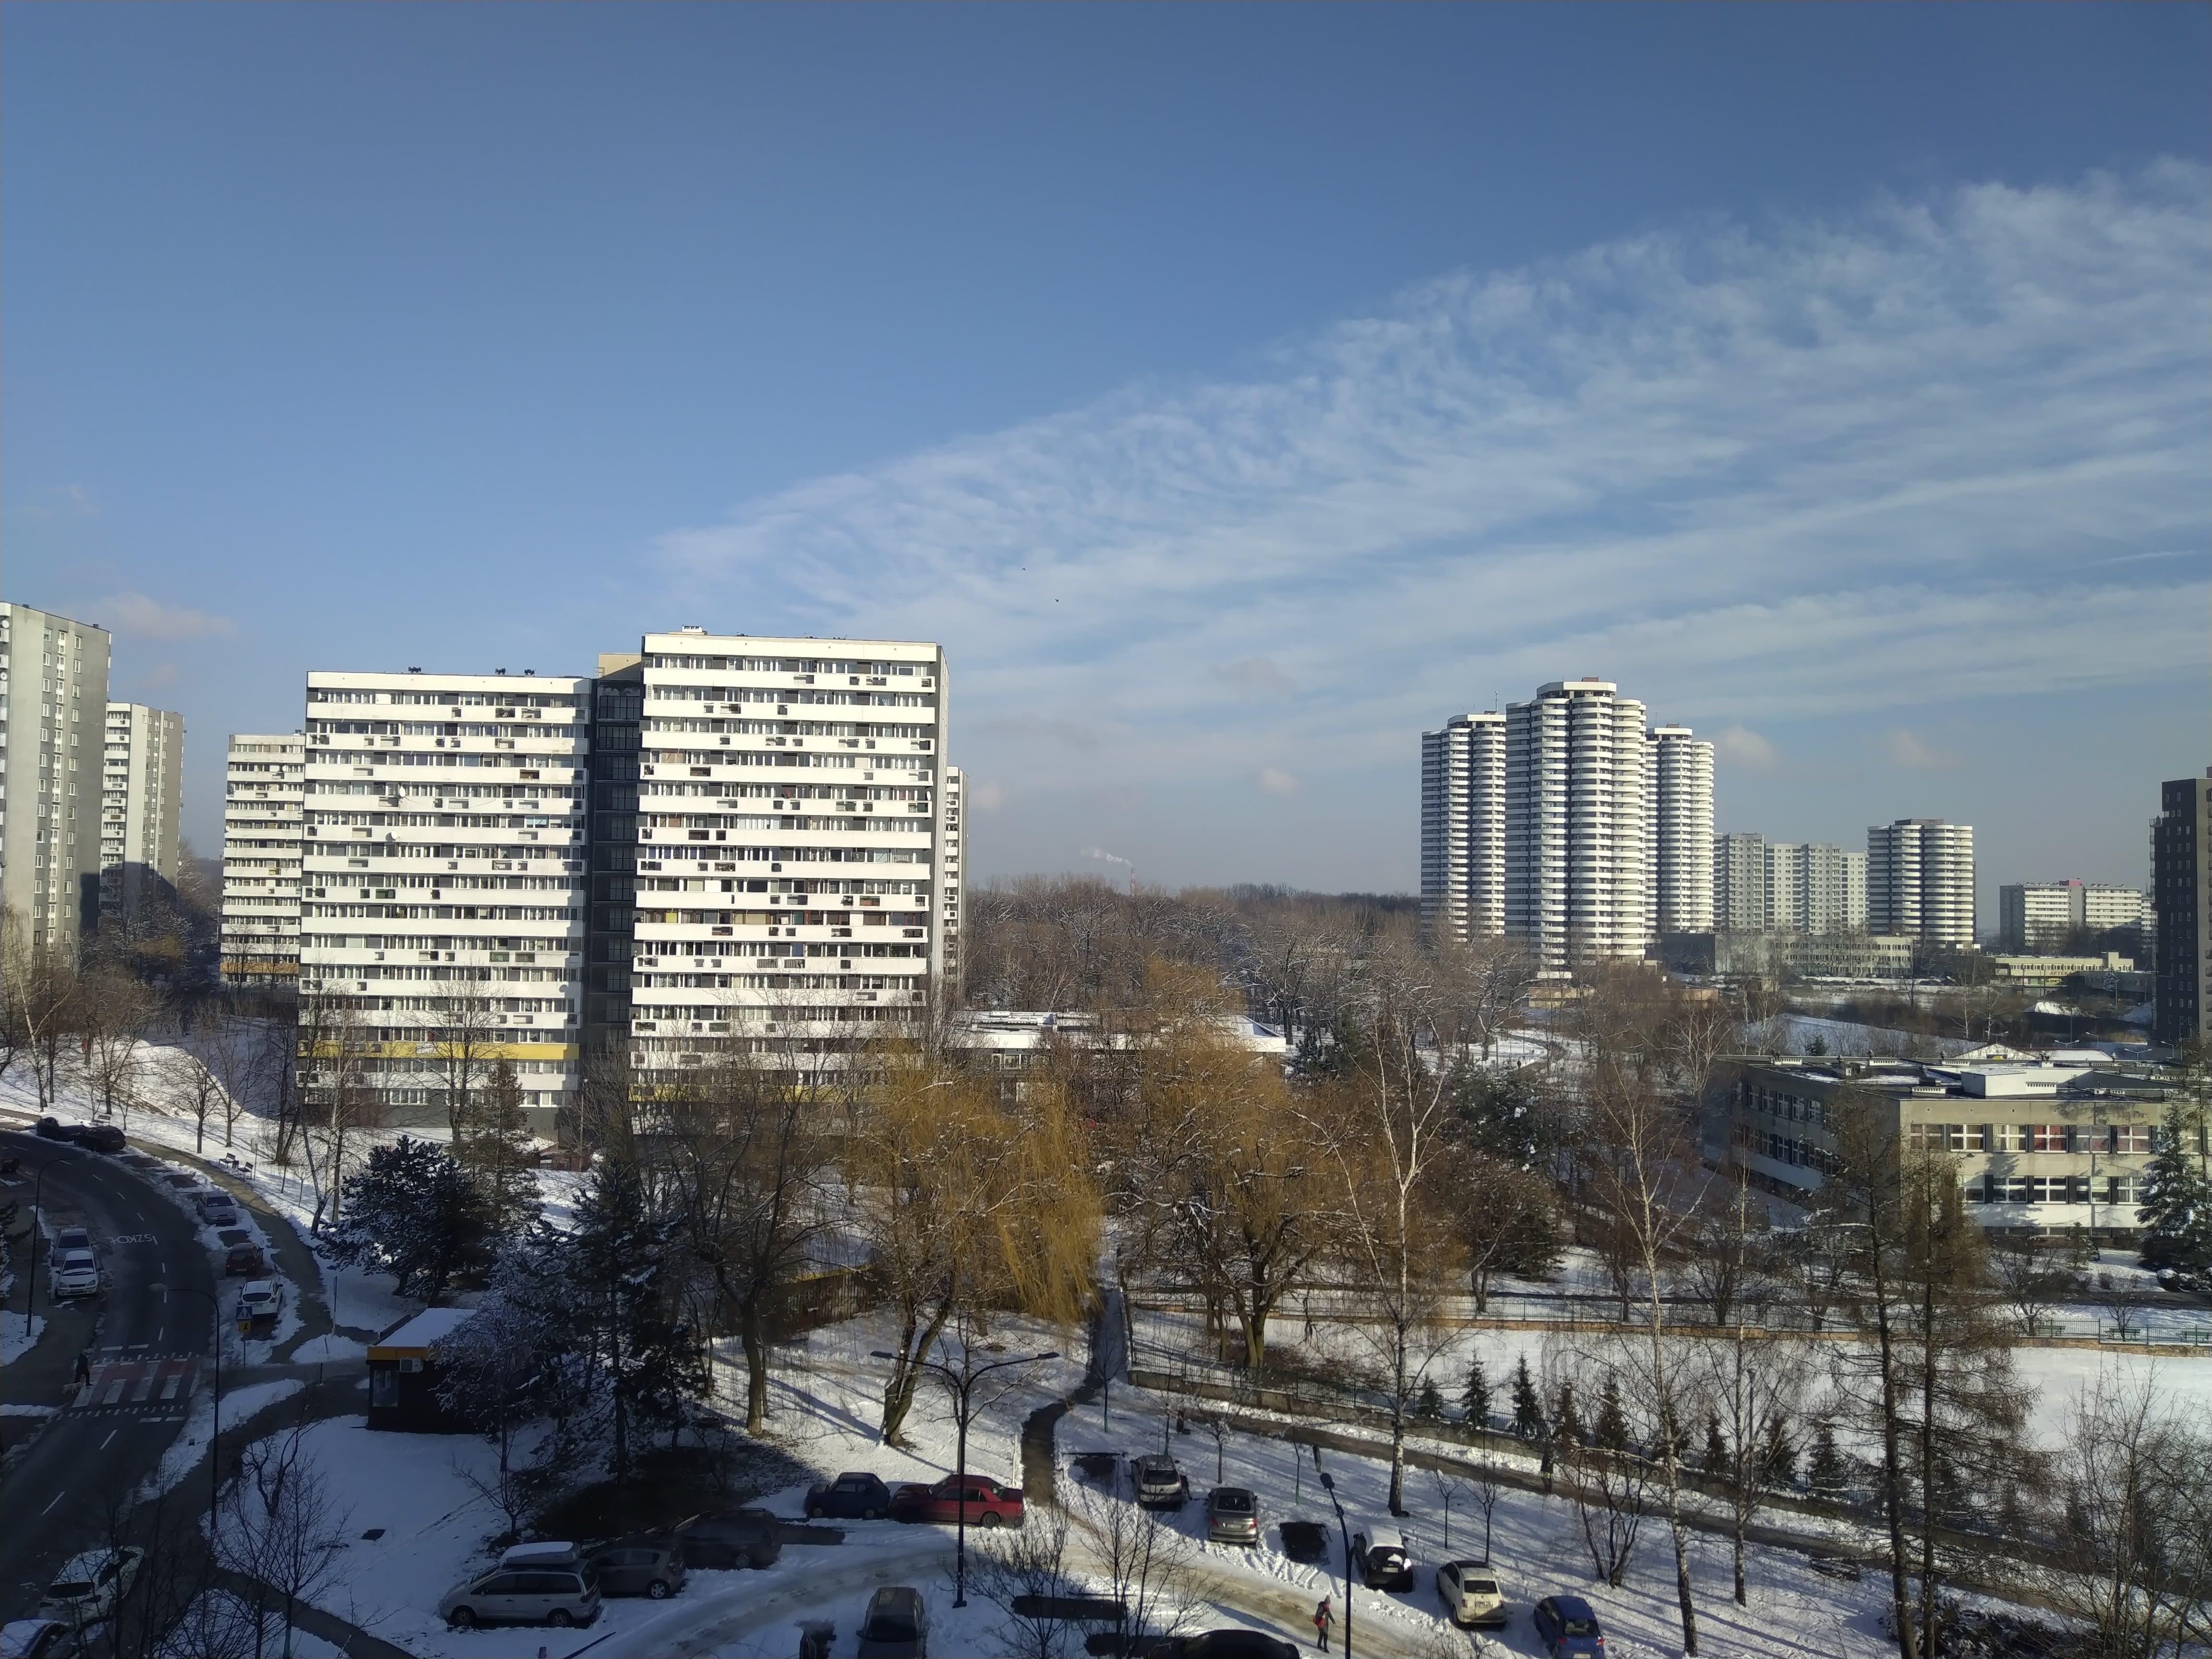 Słoneczna pogoda - HTC U12 Life